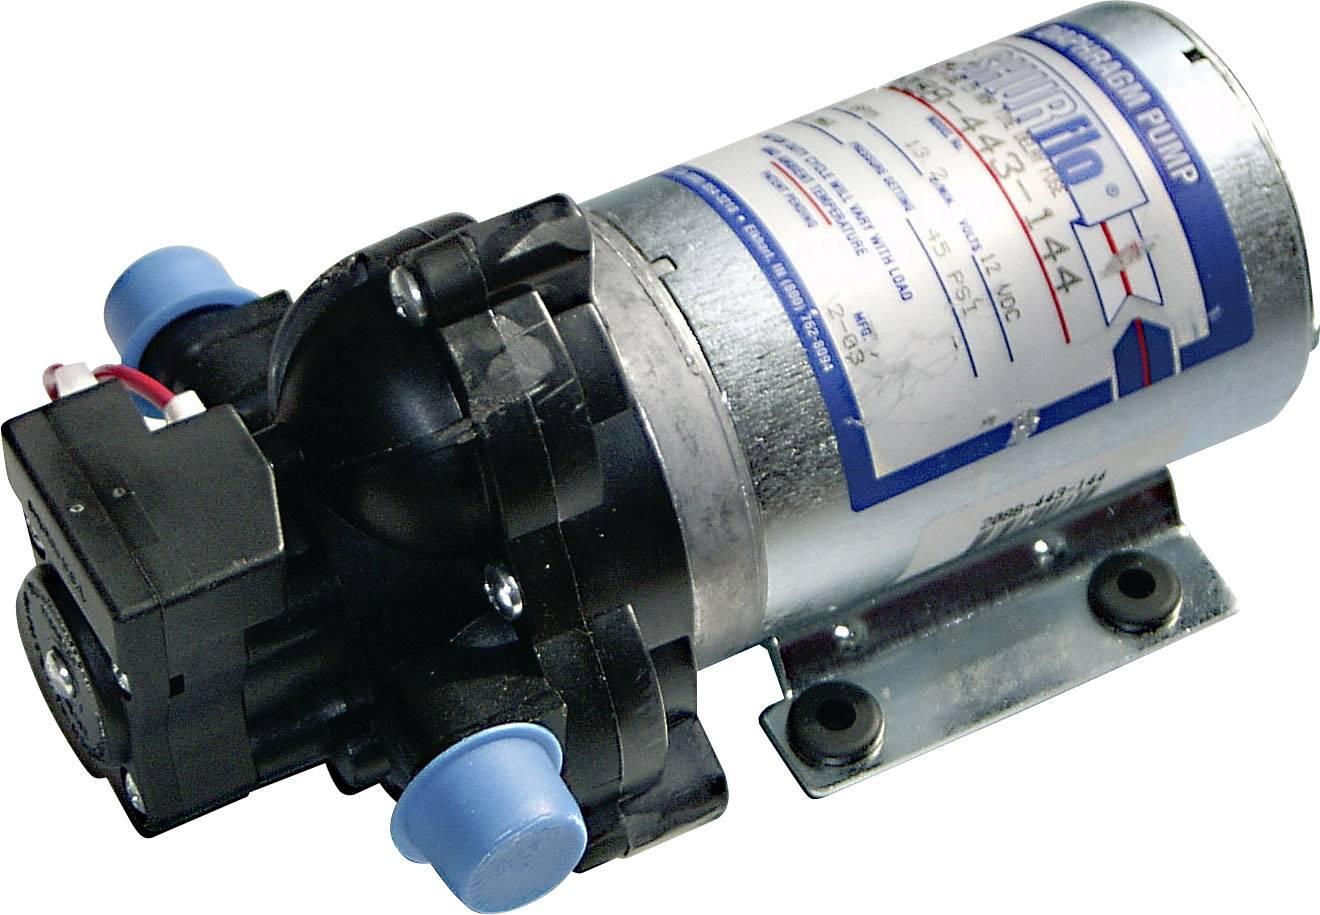 Nízkonapäťové tlakové čerpadlo SHURflo 2088-573-534 1602699, 810 l/h, 30 m